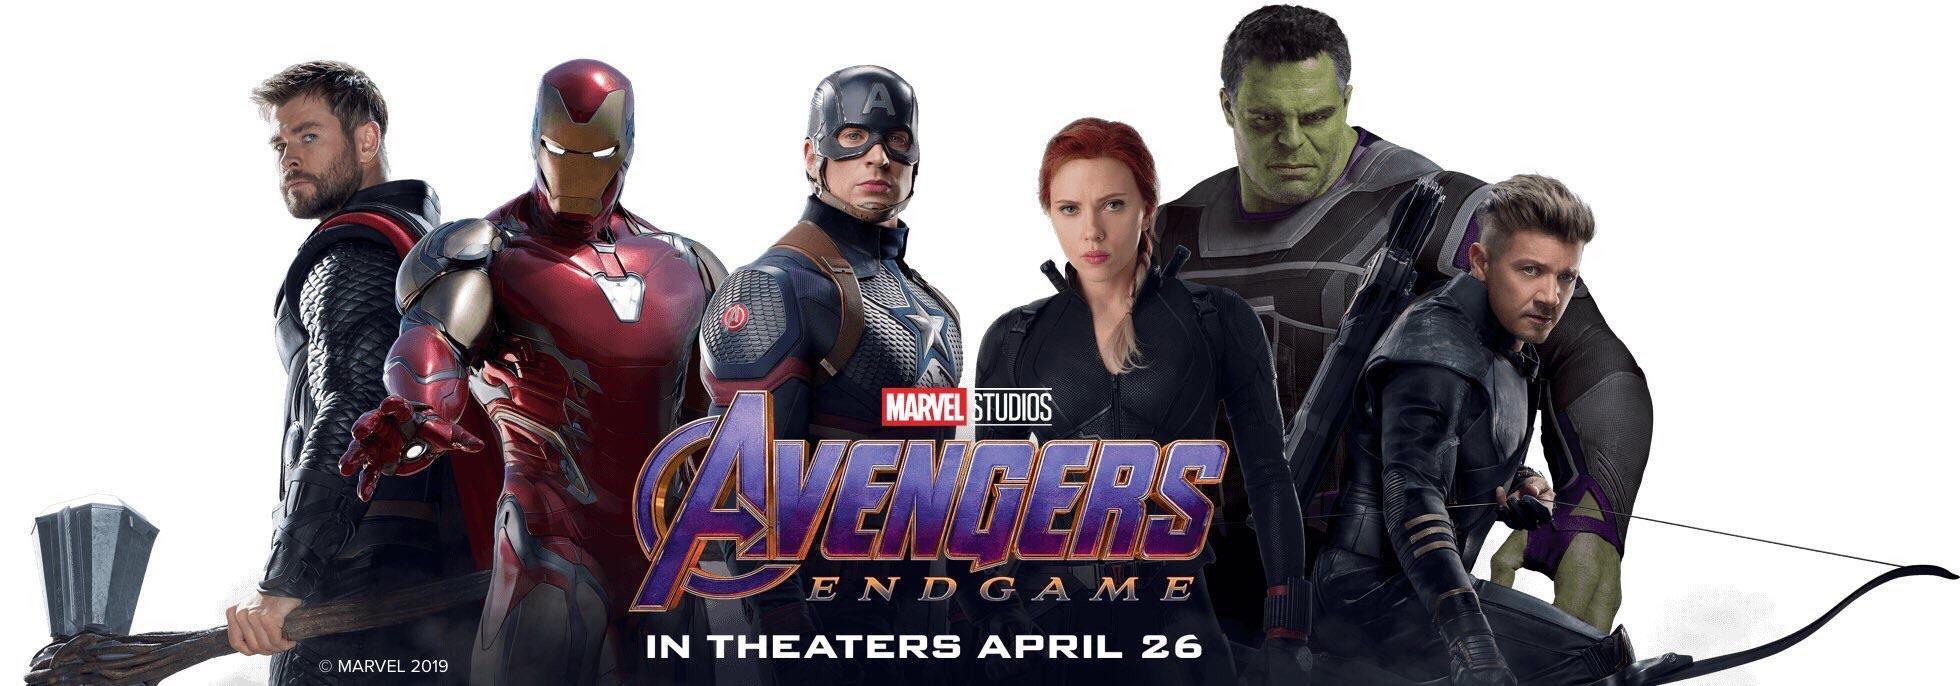 AvengersEndgame-banner-cinemadroide